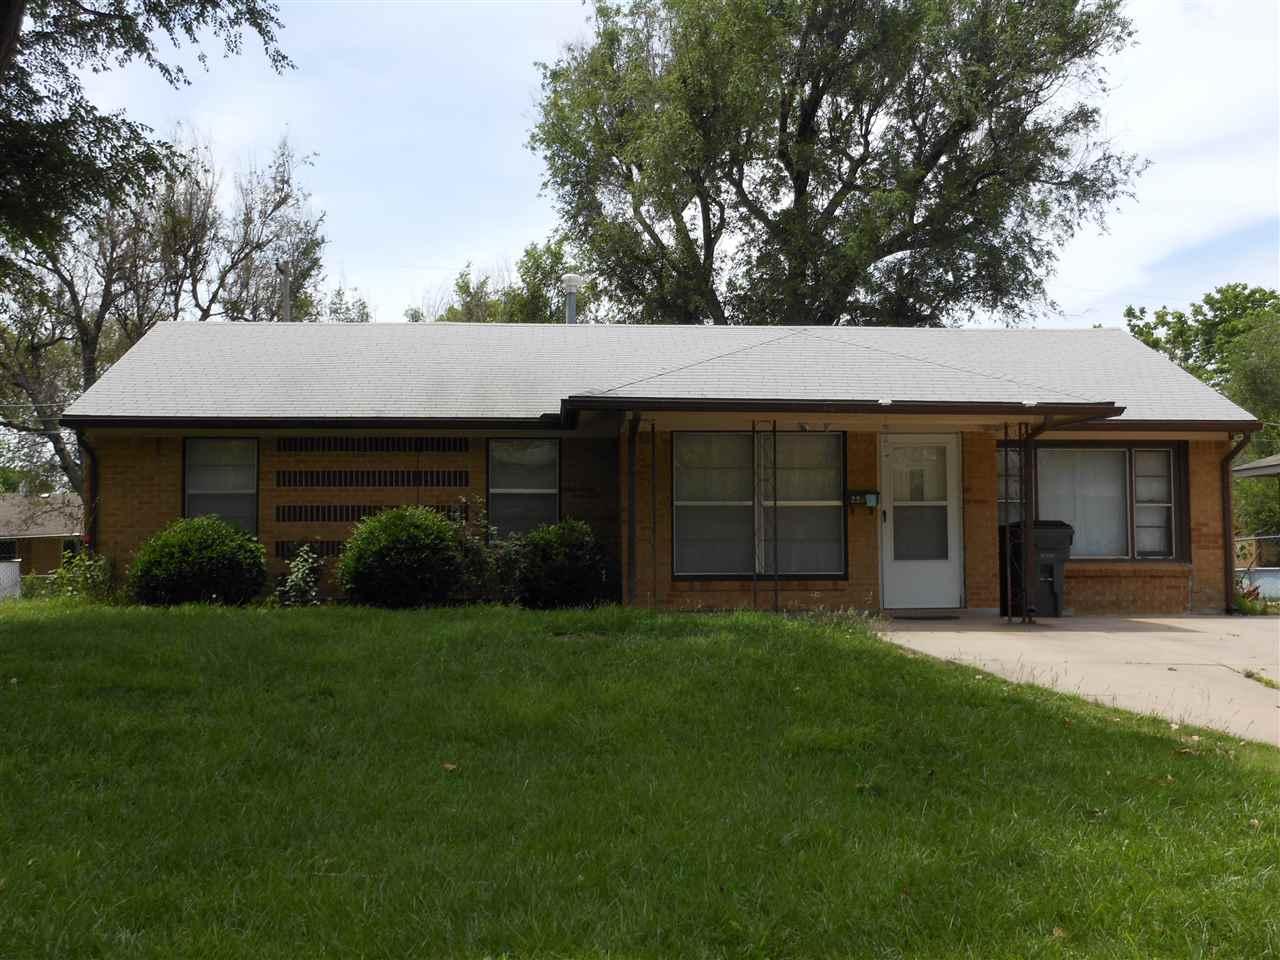 2219 S Hiram St, Wichita, KS 67213